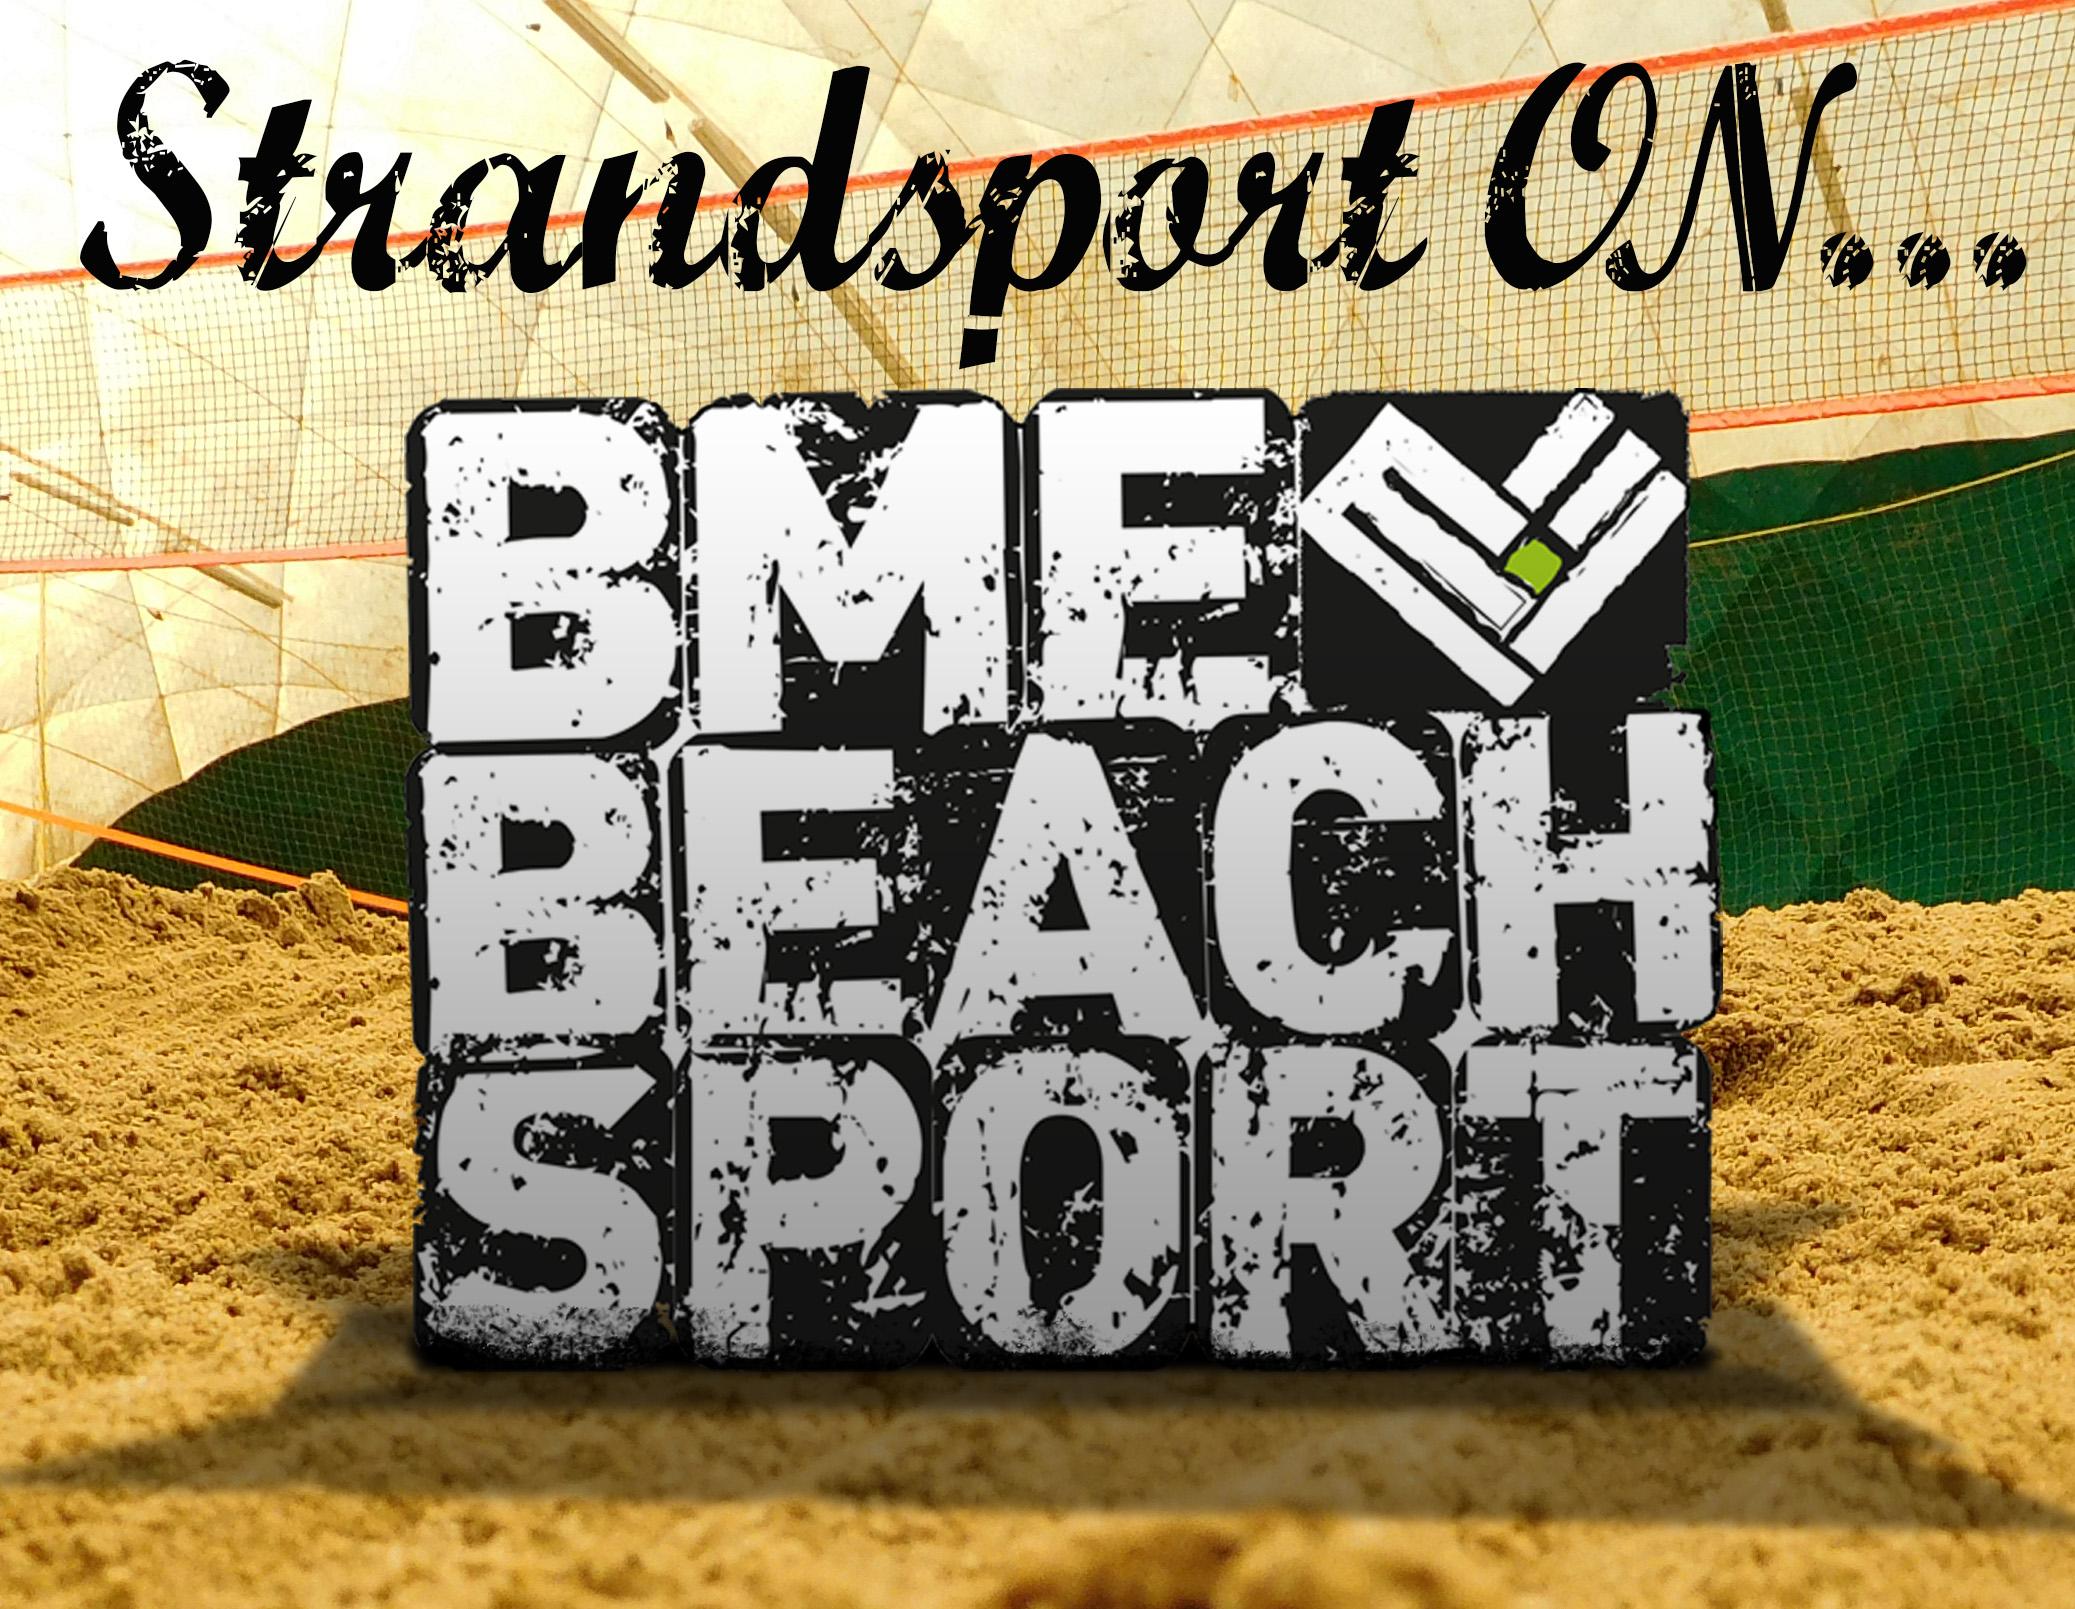 Strandsportok nyári szezon